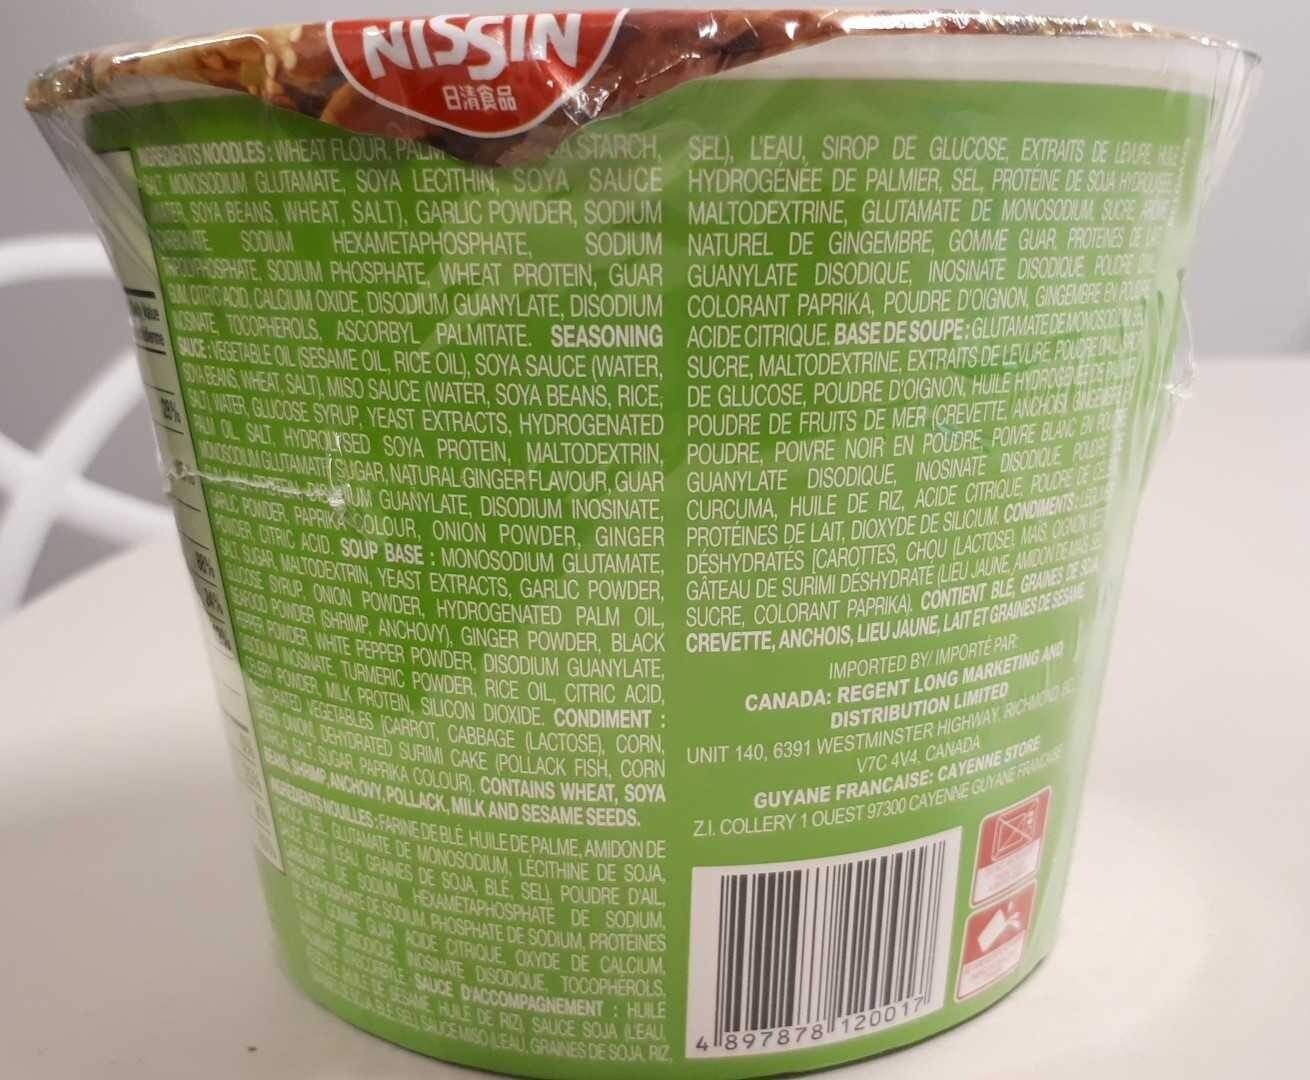 Instant Noodle with Soup Base (Artificial Chicken Flavour) - Ingrédients - en